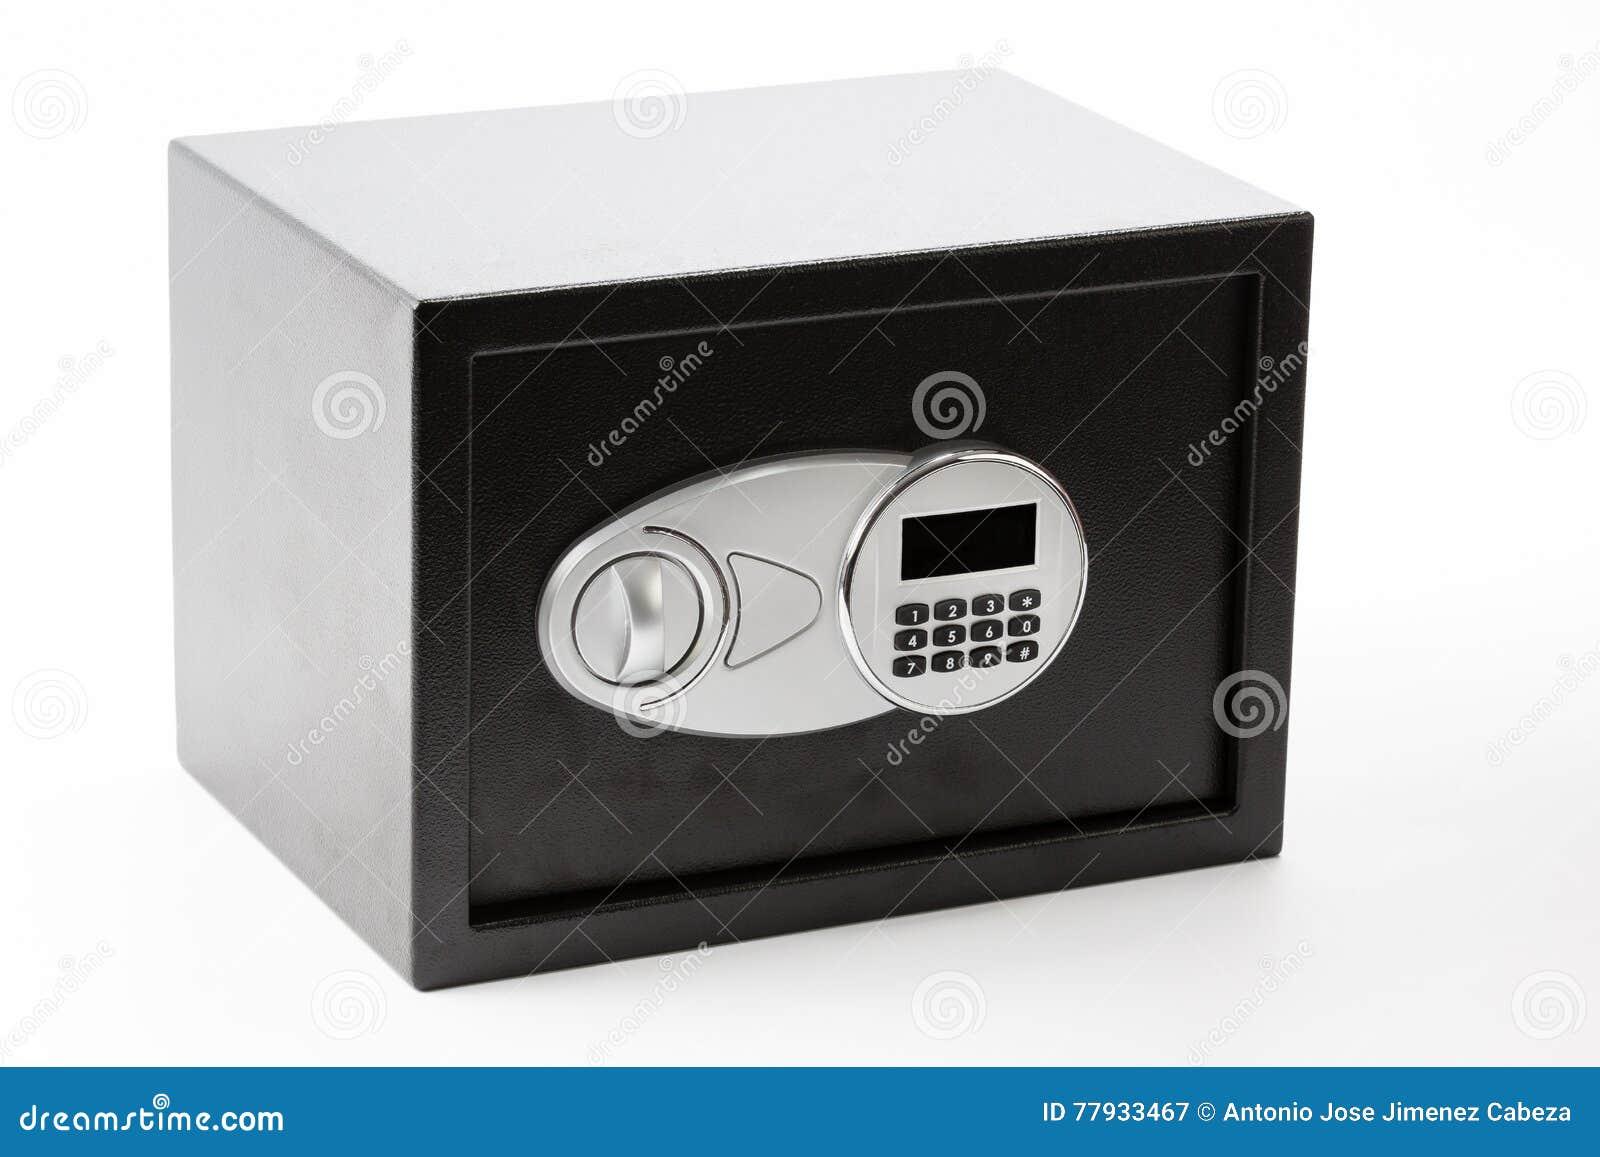 Zwarte metaal veilige doos met numeriek toetsenbord gesloten systeem